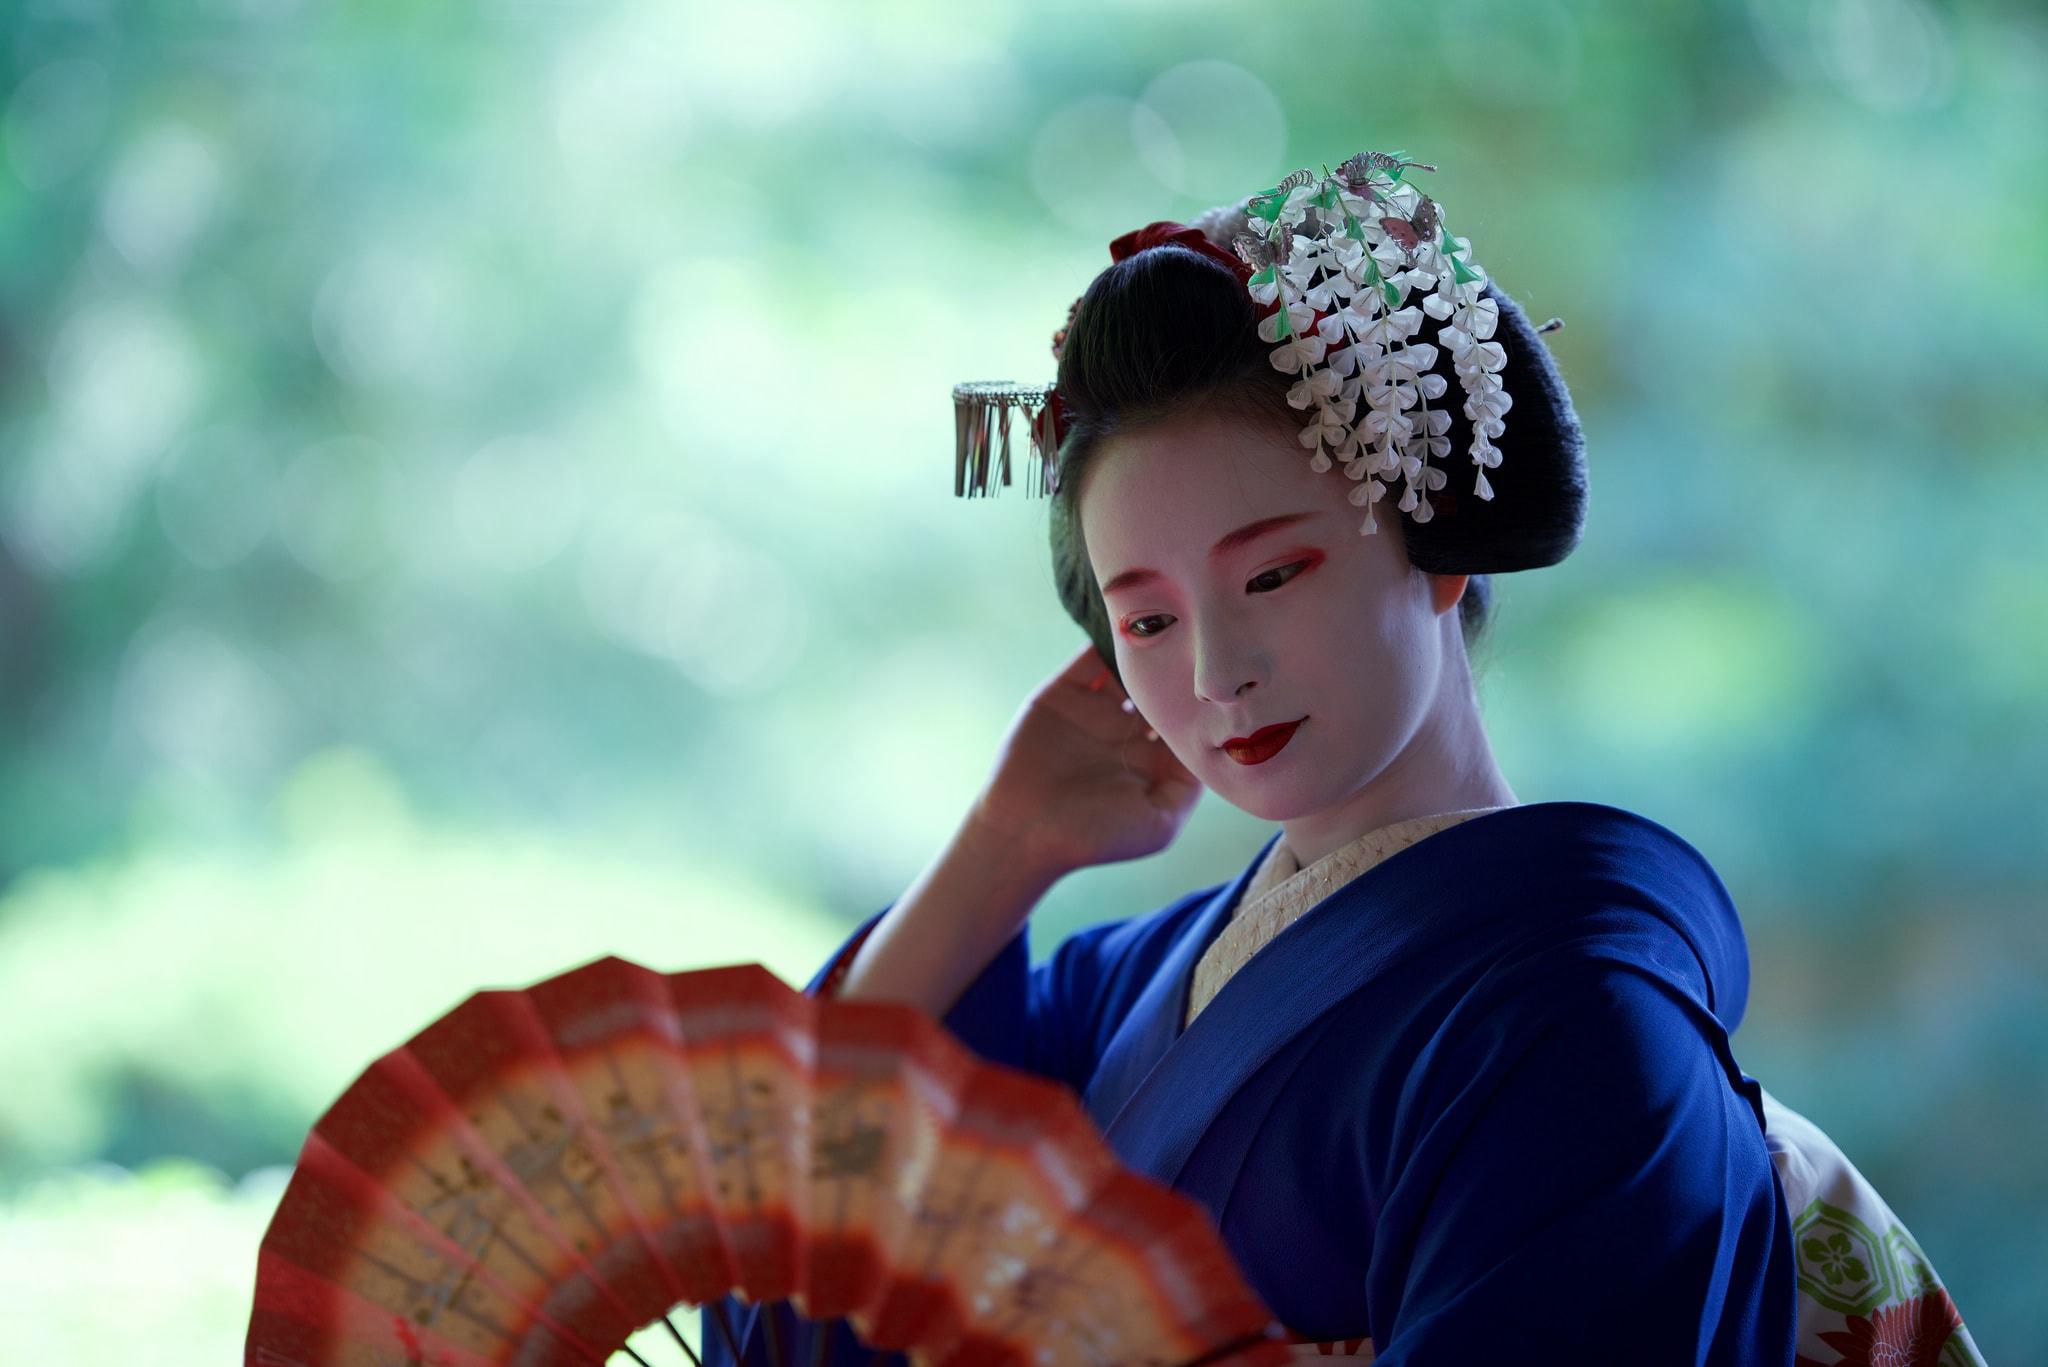 Memoirs of a geisha trailer